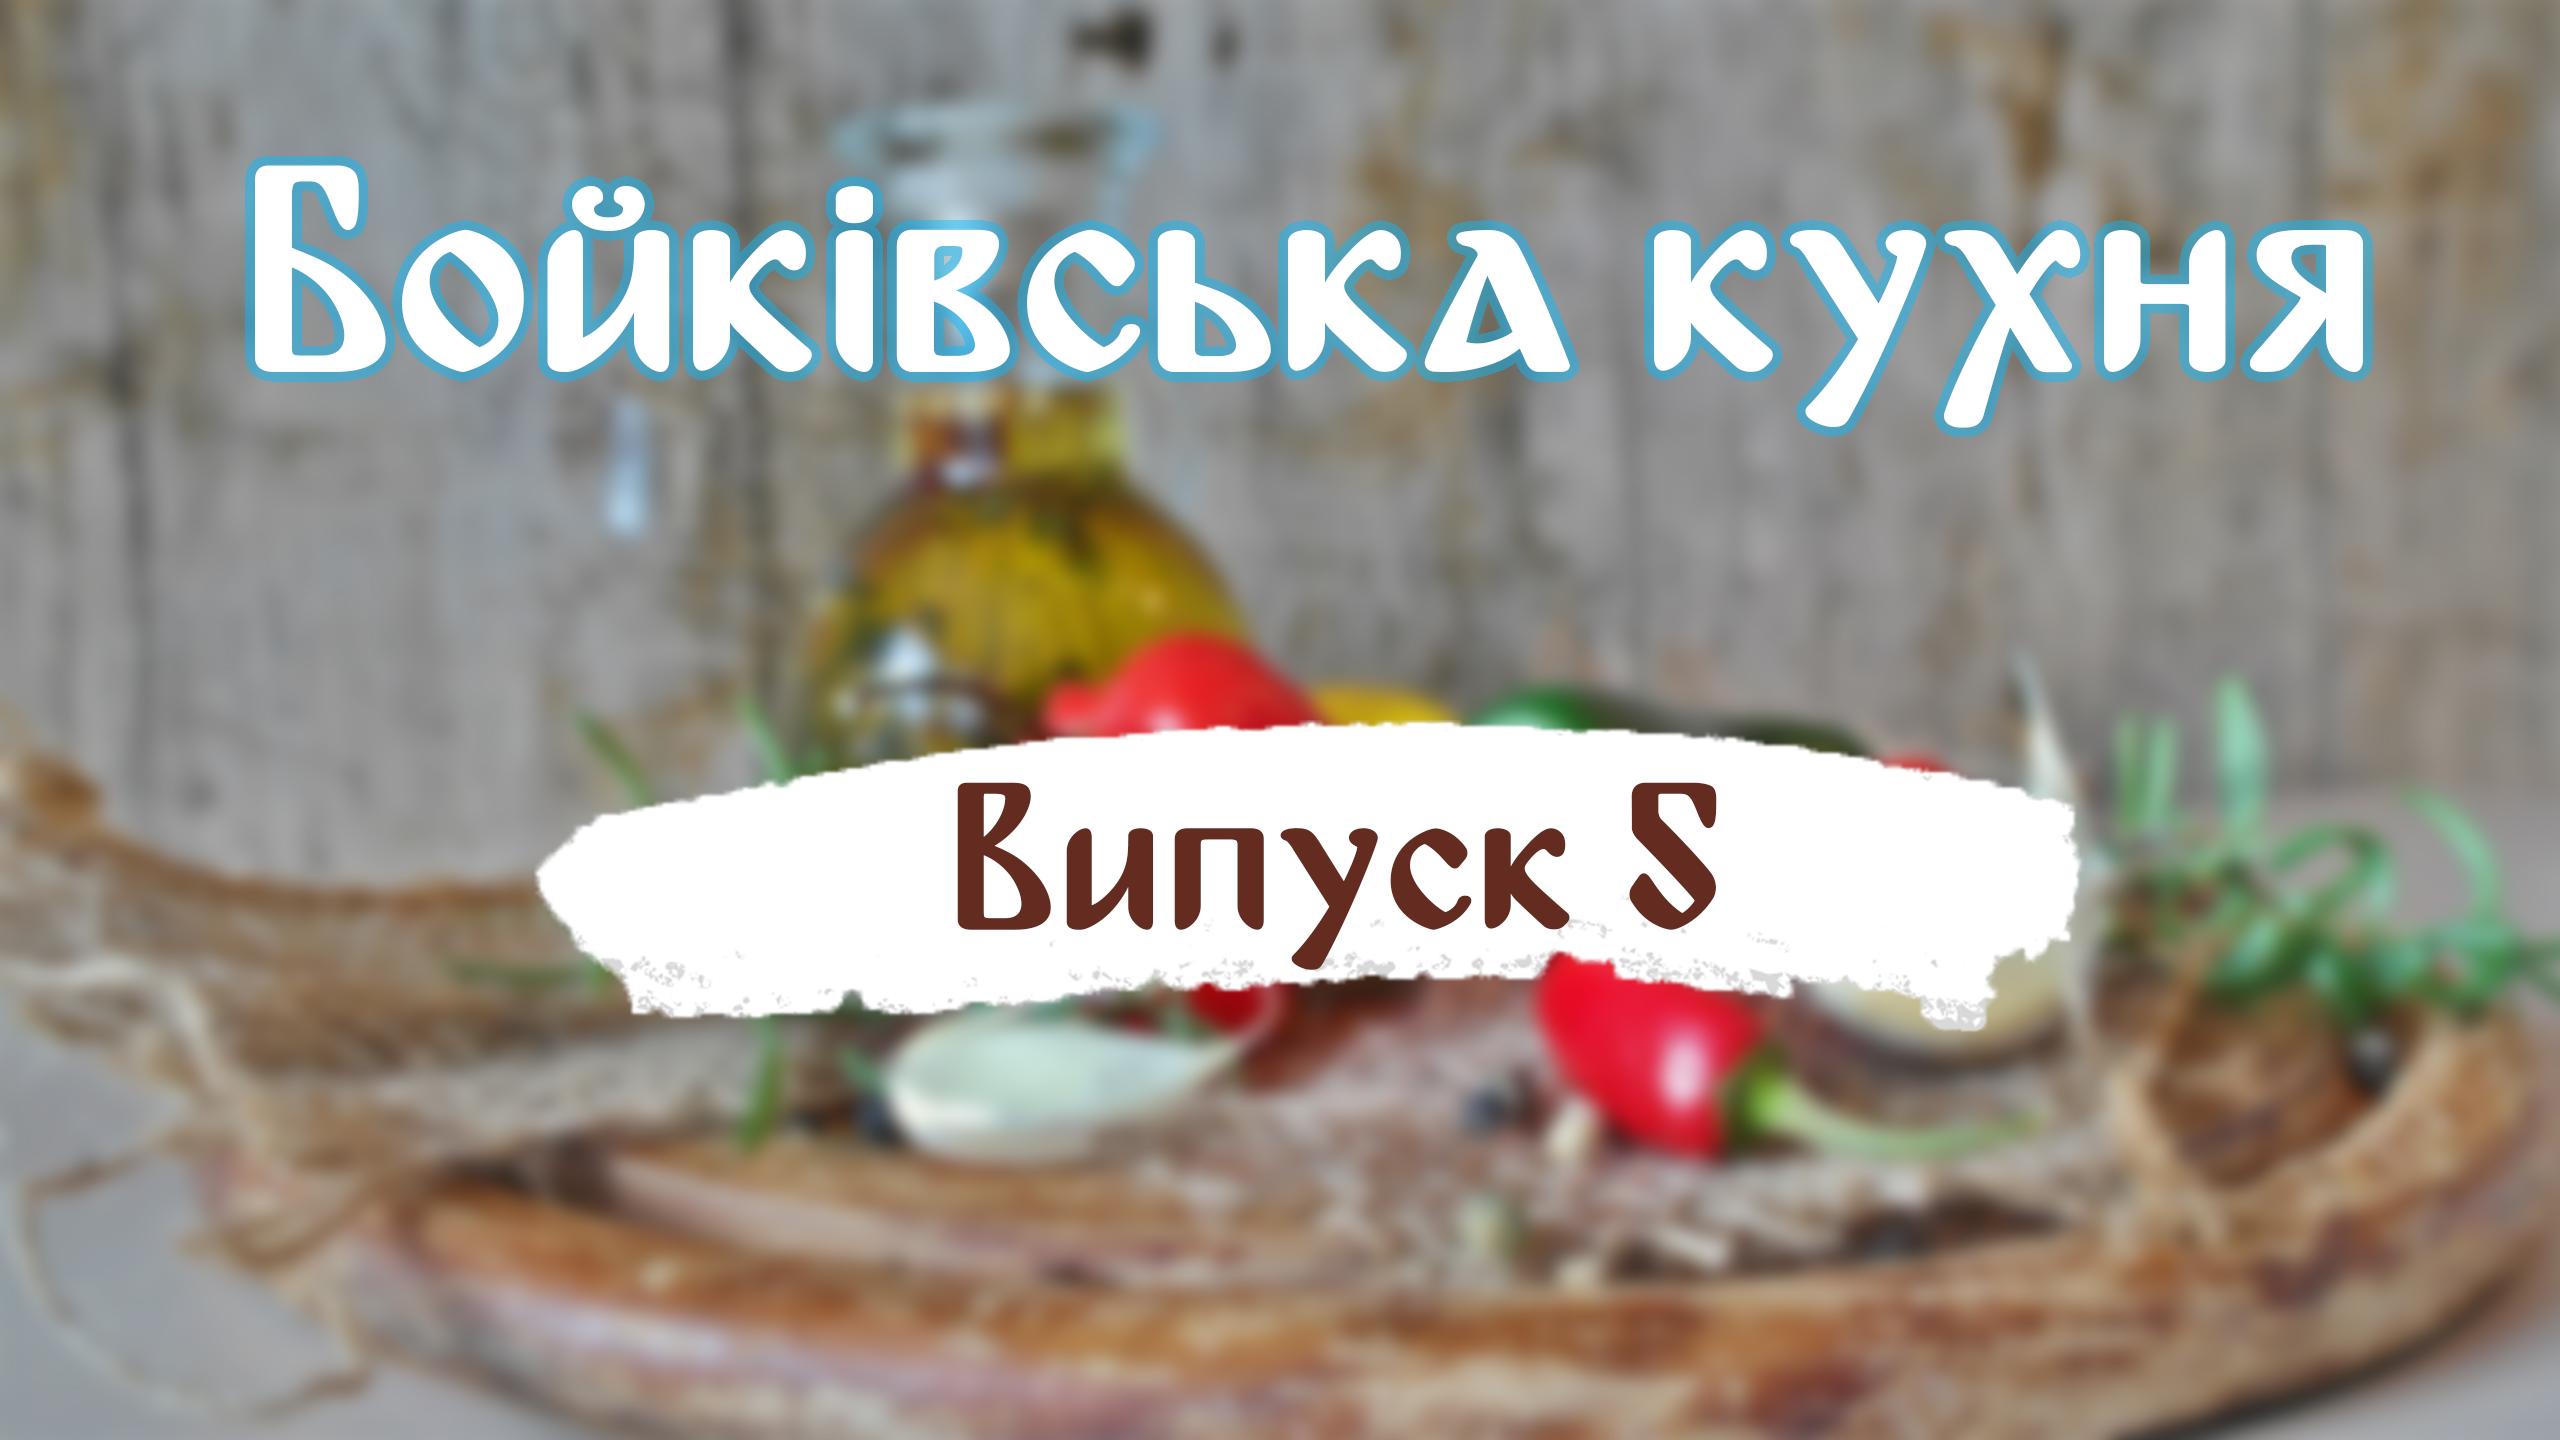 Бойківська кухня. Випуск 5. Вареники.